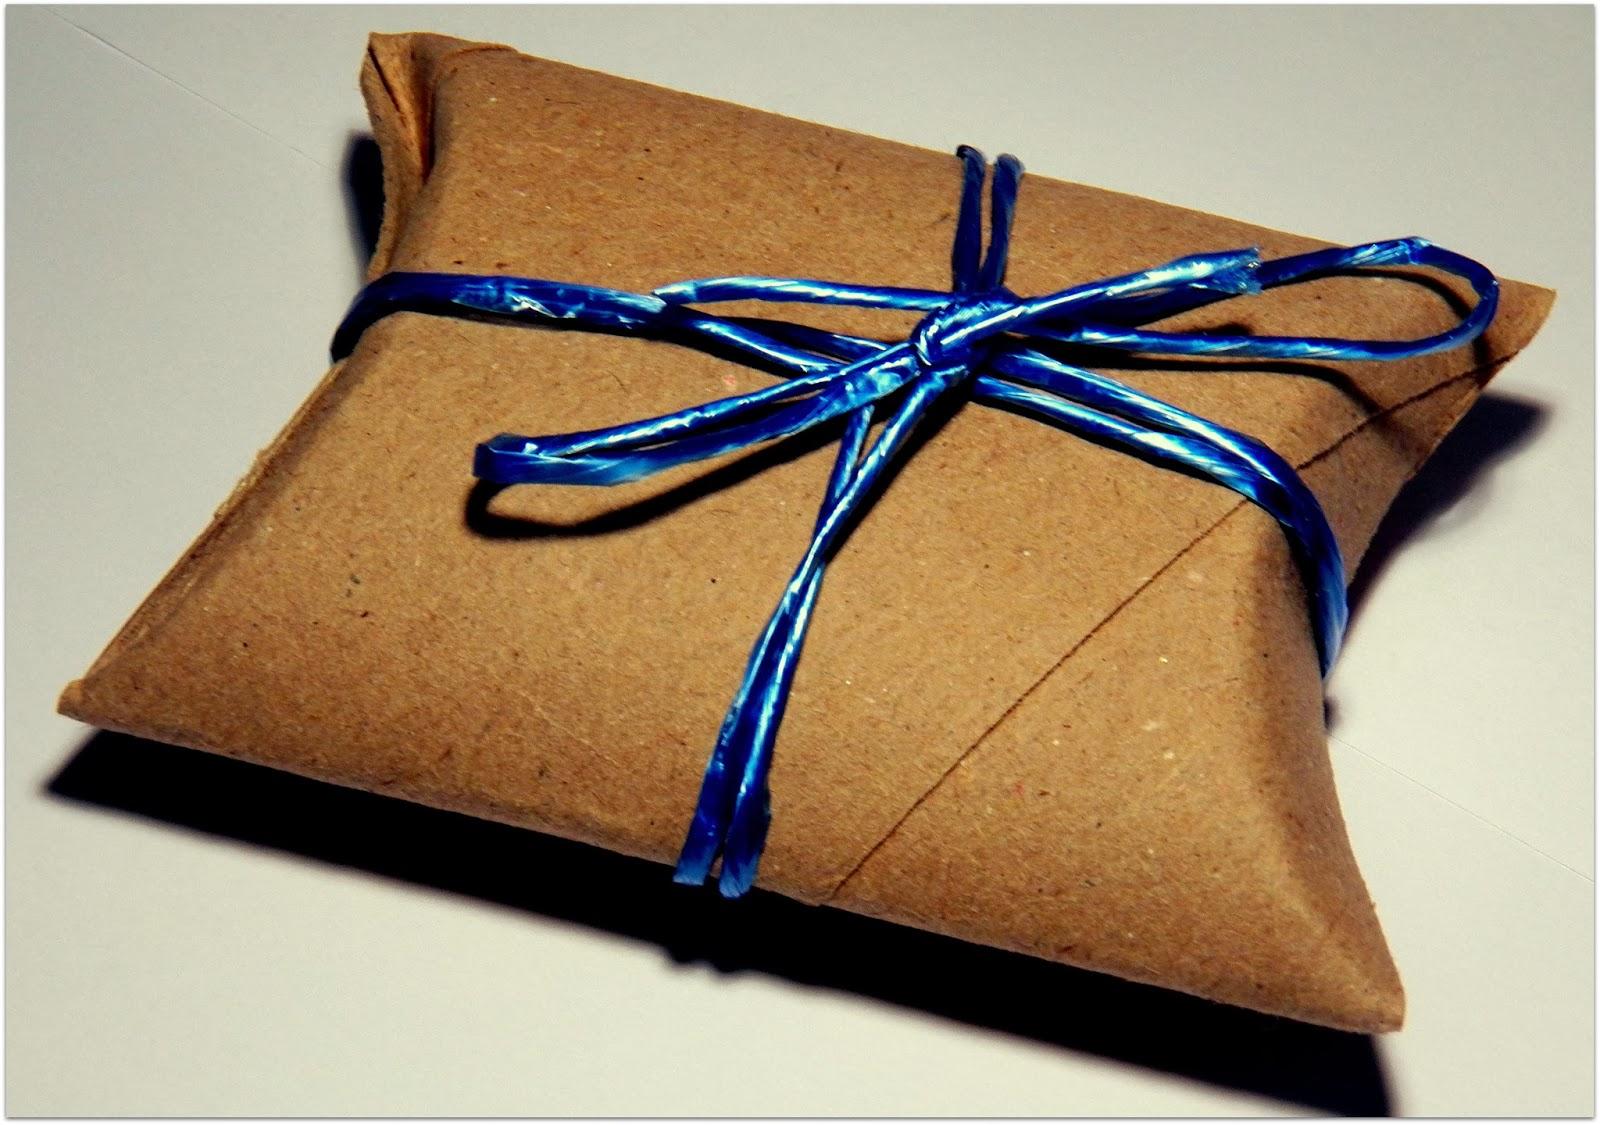 Verlagssystem empaquetando - Paquetes de regalo ...